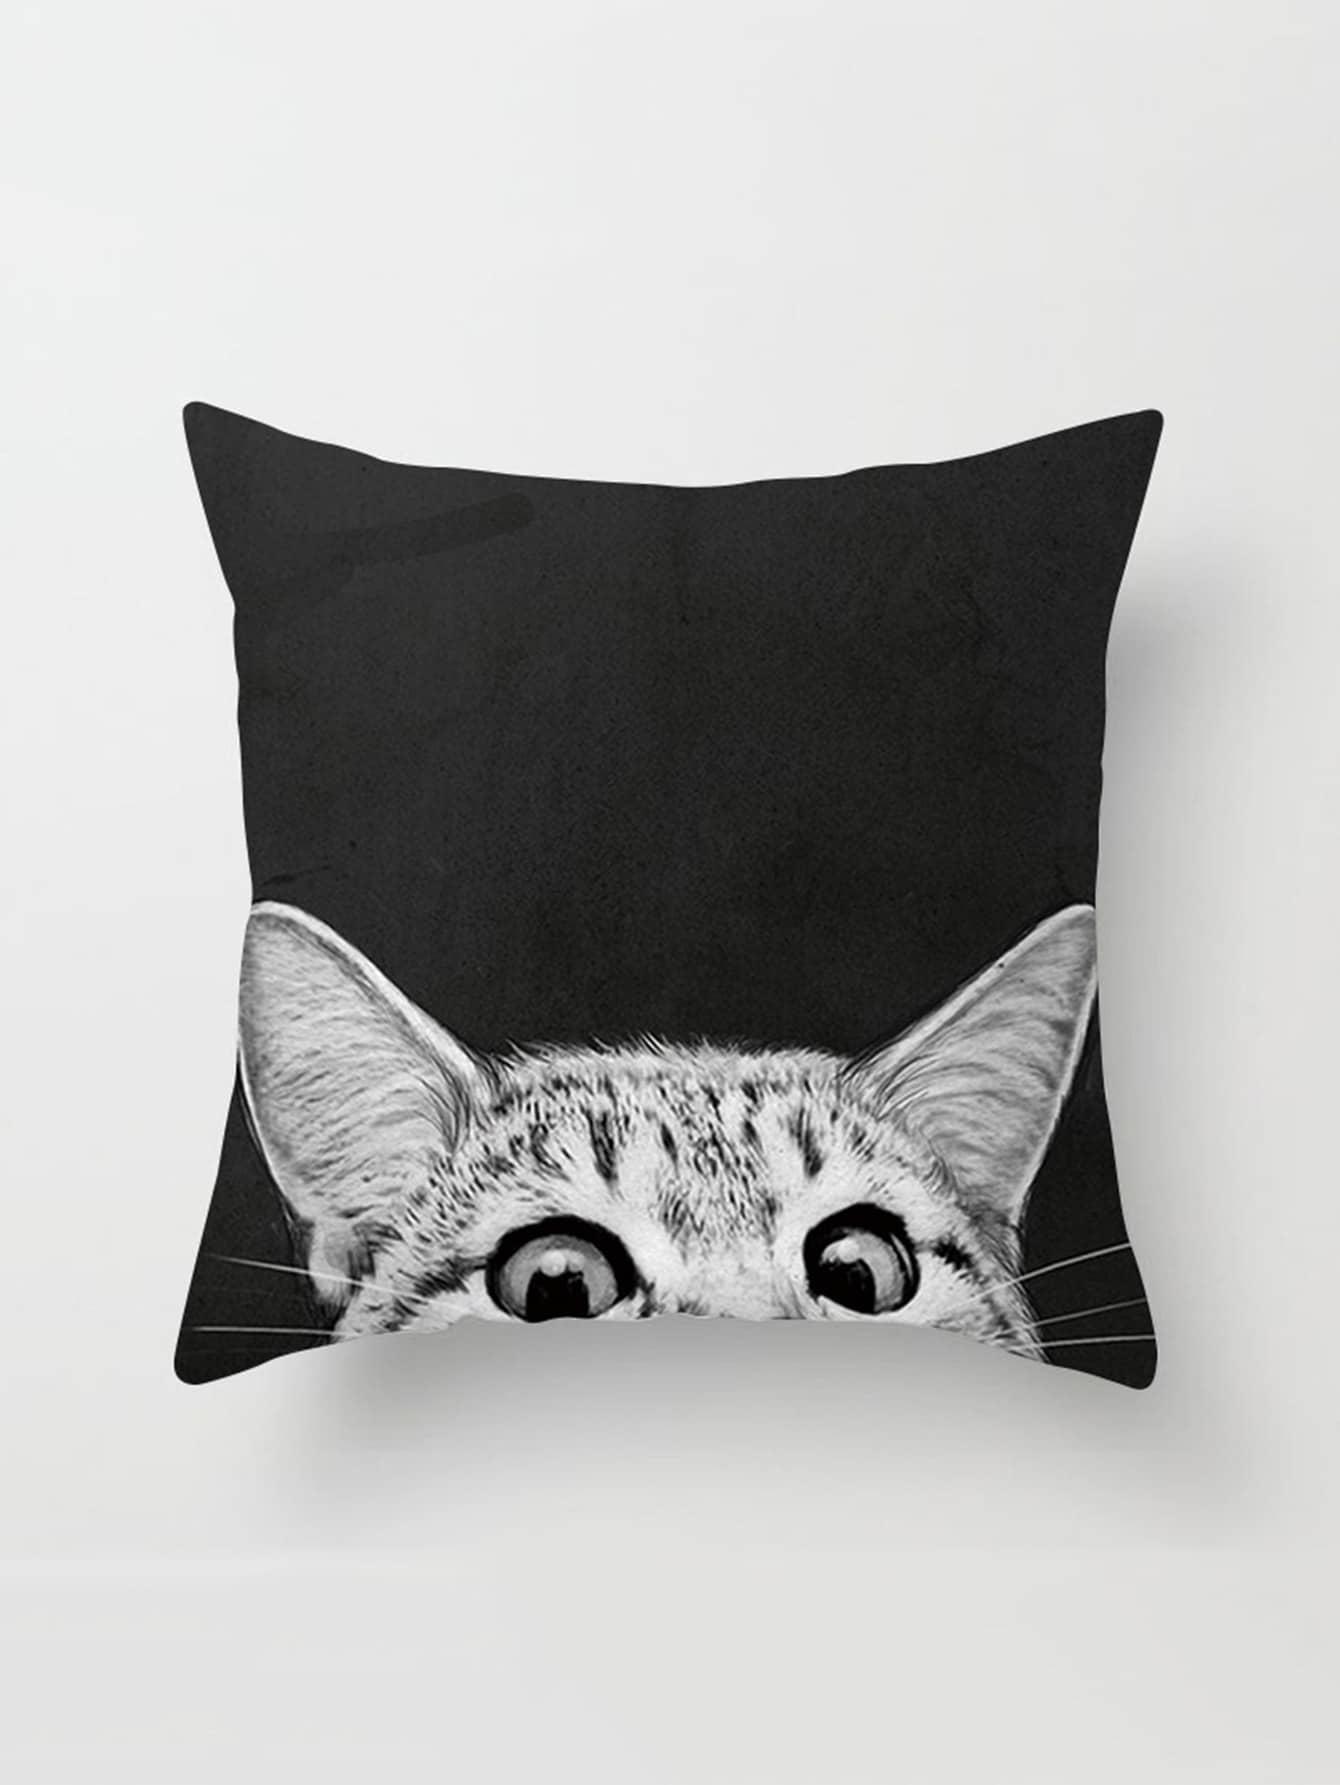 Cat Print Linen Pillowcase Cover